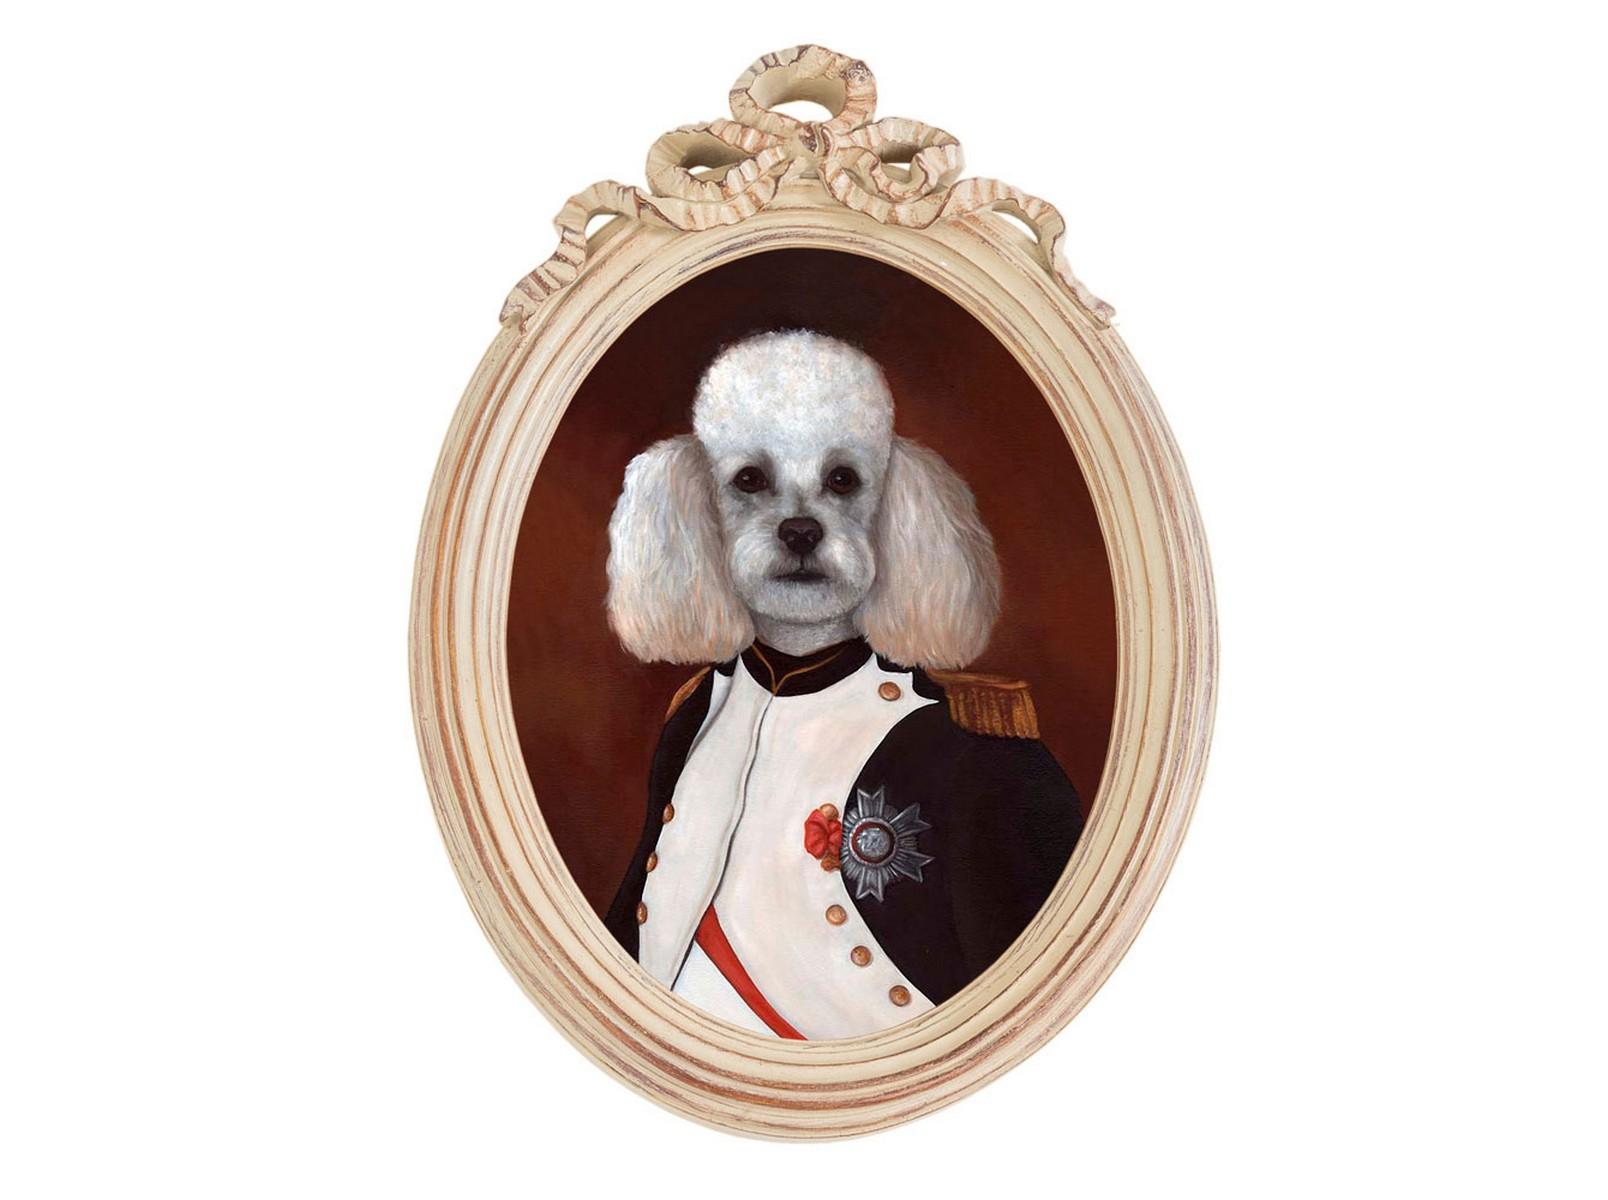 Репродукция гравюры Музейный экспонат, версия 3Картины<br>Прототипом персонажа коллекции &amp;quot;Музейный экспонат&amp;quot; послужил портрет  Наполеона в кабинете дворца Тюильри, написанный Жаком-Луи Давидом в 1812 году. Французский полководец предстает зрителю в рабочем кабинете, расположенном на первом этаже дворца, изображённый в скромной униформе полковника гренадеров гвардейской пехоты. Наряду с золотыми эполетами, на груди Наполеона красуются Знак ордена Почетного легиона (Большой крест), Знак ордена Железной Короны и Звезда ордена Почетного легиона.<br>Воздушный имидж рамы &amp;quot;Бернадетт&amp;quot; разделяет с интерьером ноты сентиментальной романтики и семейного уюта. Пастельный фон эффектно акцентирует яркость репродукции, находчиво стилизующей эпоху Возрождения. Филигранный резной рельеф архитектурно выразителен на фоне строгой овальной оправы. Элементы старины обладают специфическим интерьерным теплом и обаянием.<br>Картинная рама &amp;quot;Бернадетт&amp;quot; - желанное интерьерное украшение гостиной, столовой, спальни, кабинета и детской комнаты, способное задать пространству стиль и достоинство. Являясь прямым наследником классицизма, рама &amp;quot;Бернадетт&amp;quot; не чужда интерьерам &amp;quot;ар-деко&amp;quot;, &amp;quot;модерна&amp;quot;, &amp;quot;прованса&amp;quot;, &amp;quot;кантри&amp;quot; и &amp;quot;шале&amp;quot;. Исконные предметы дизайна не подстраиваются под помещение, а настраивают интерьер под себя.&amp;amp;nbsp;<br><br>Material: Полистоун<br>Ширина см: 30.5<br>Высота см: 43.0<br>Глубина см: 4.0